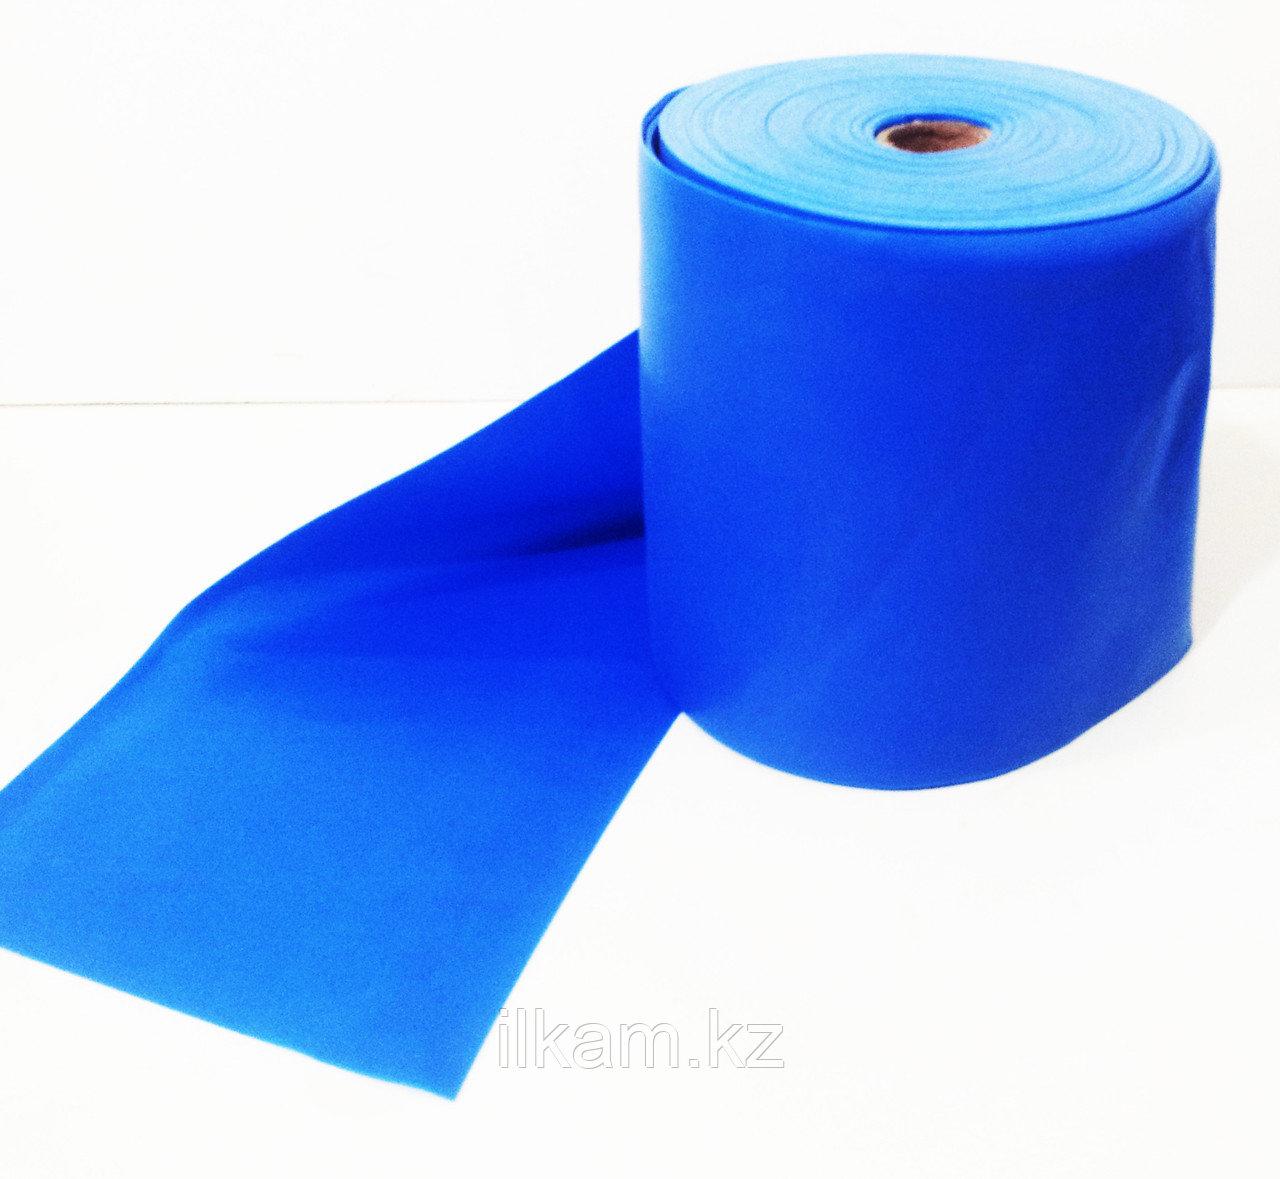 Спортивная резина для тренировок